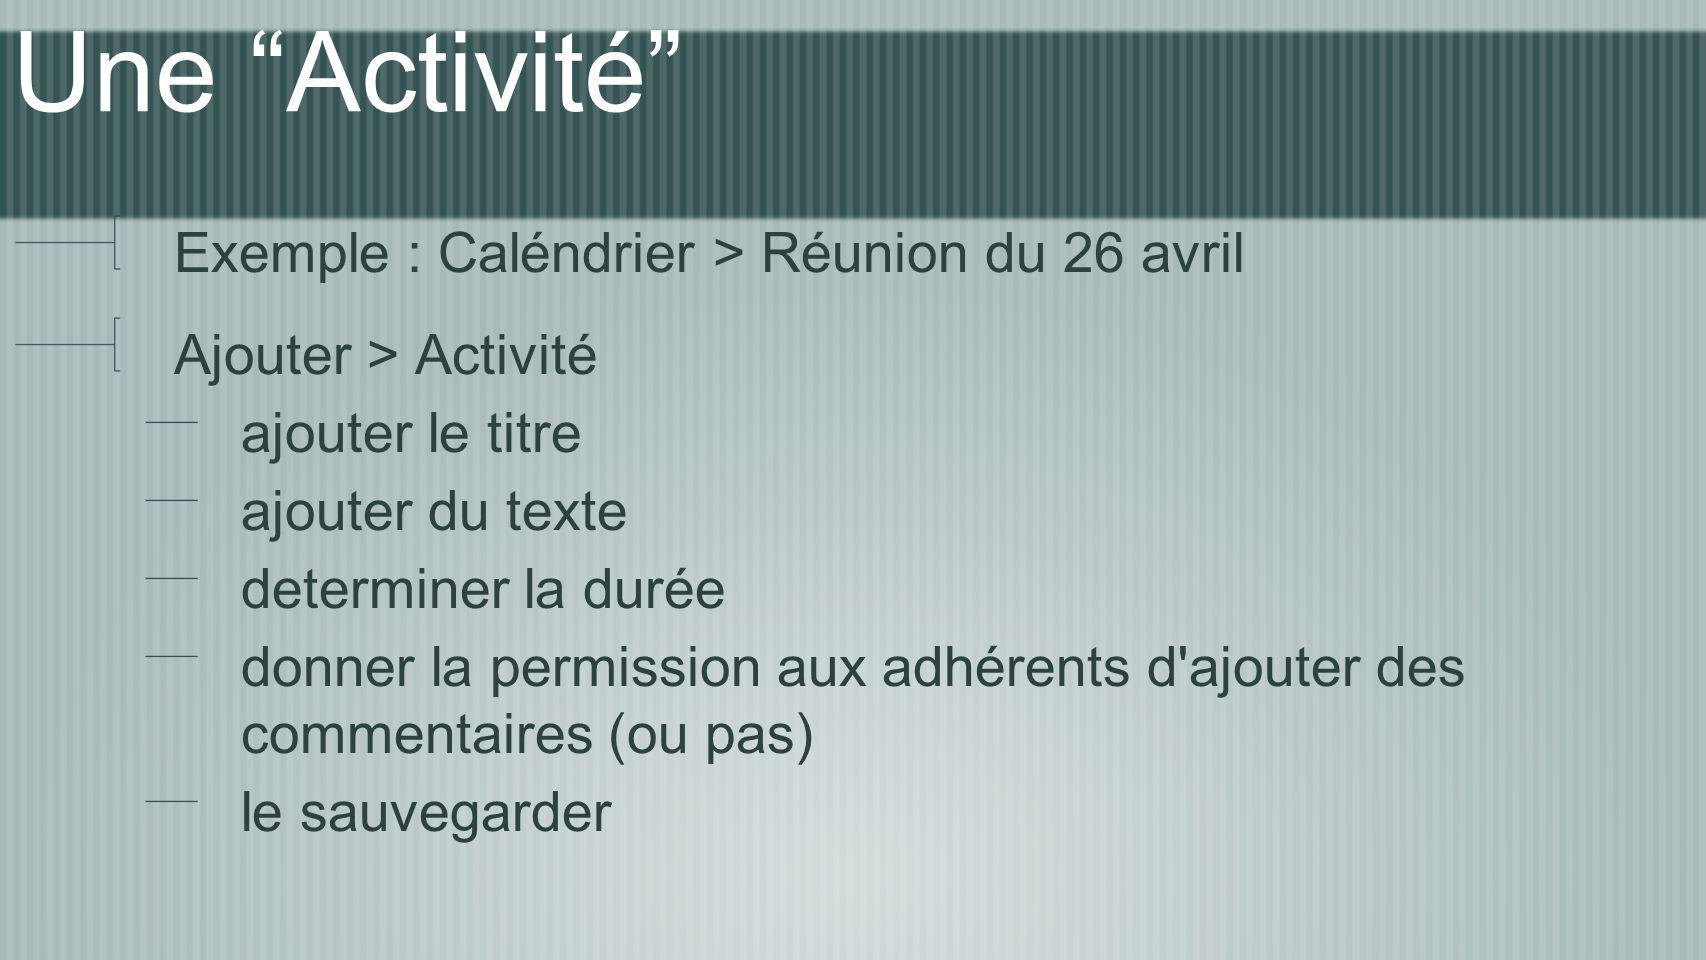 Une Activité Exemple : Caléndrier > Réunion du 26 avril Ajouter > Activité ajouter le titre ajouter du texte determiner la durée donner la permission